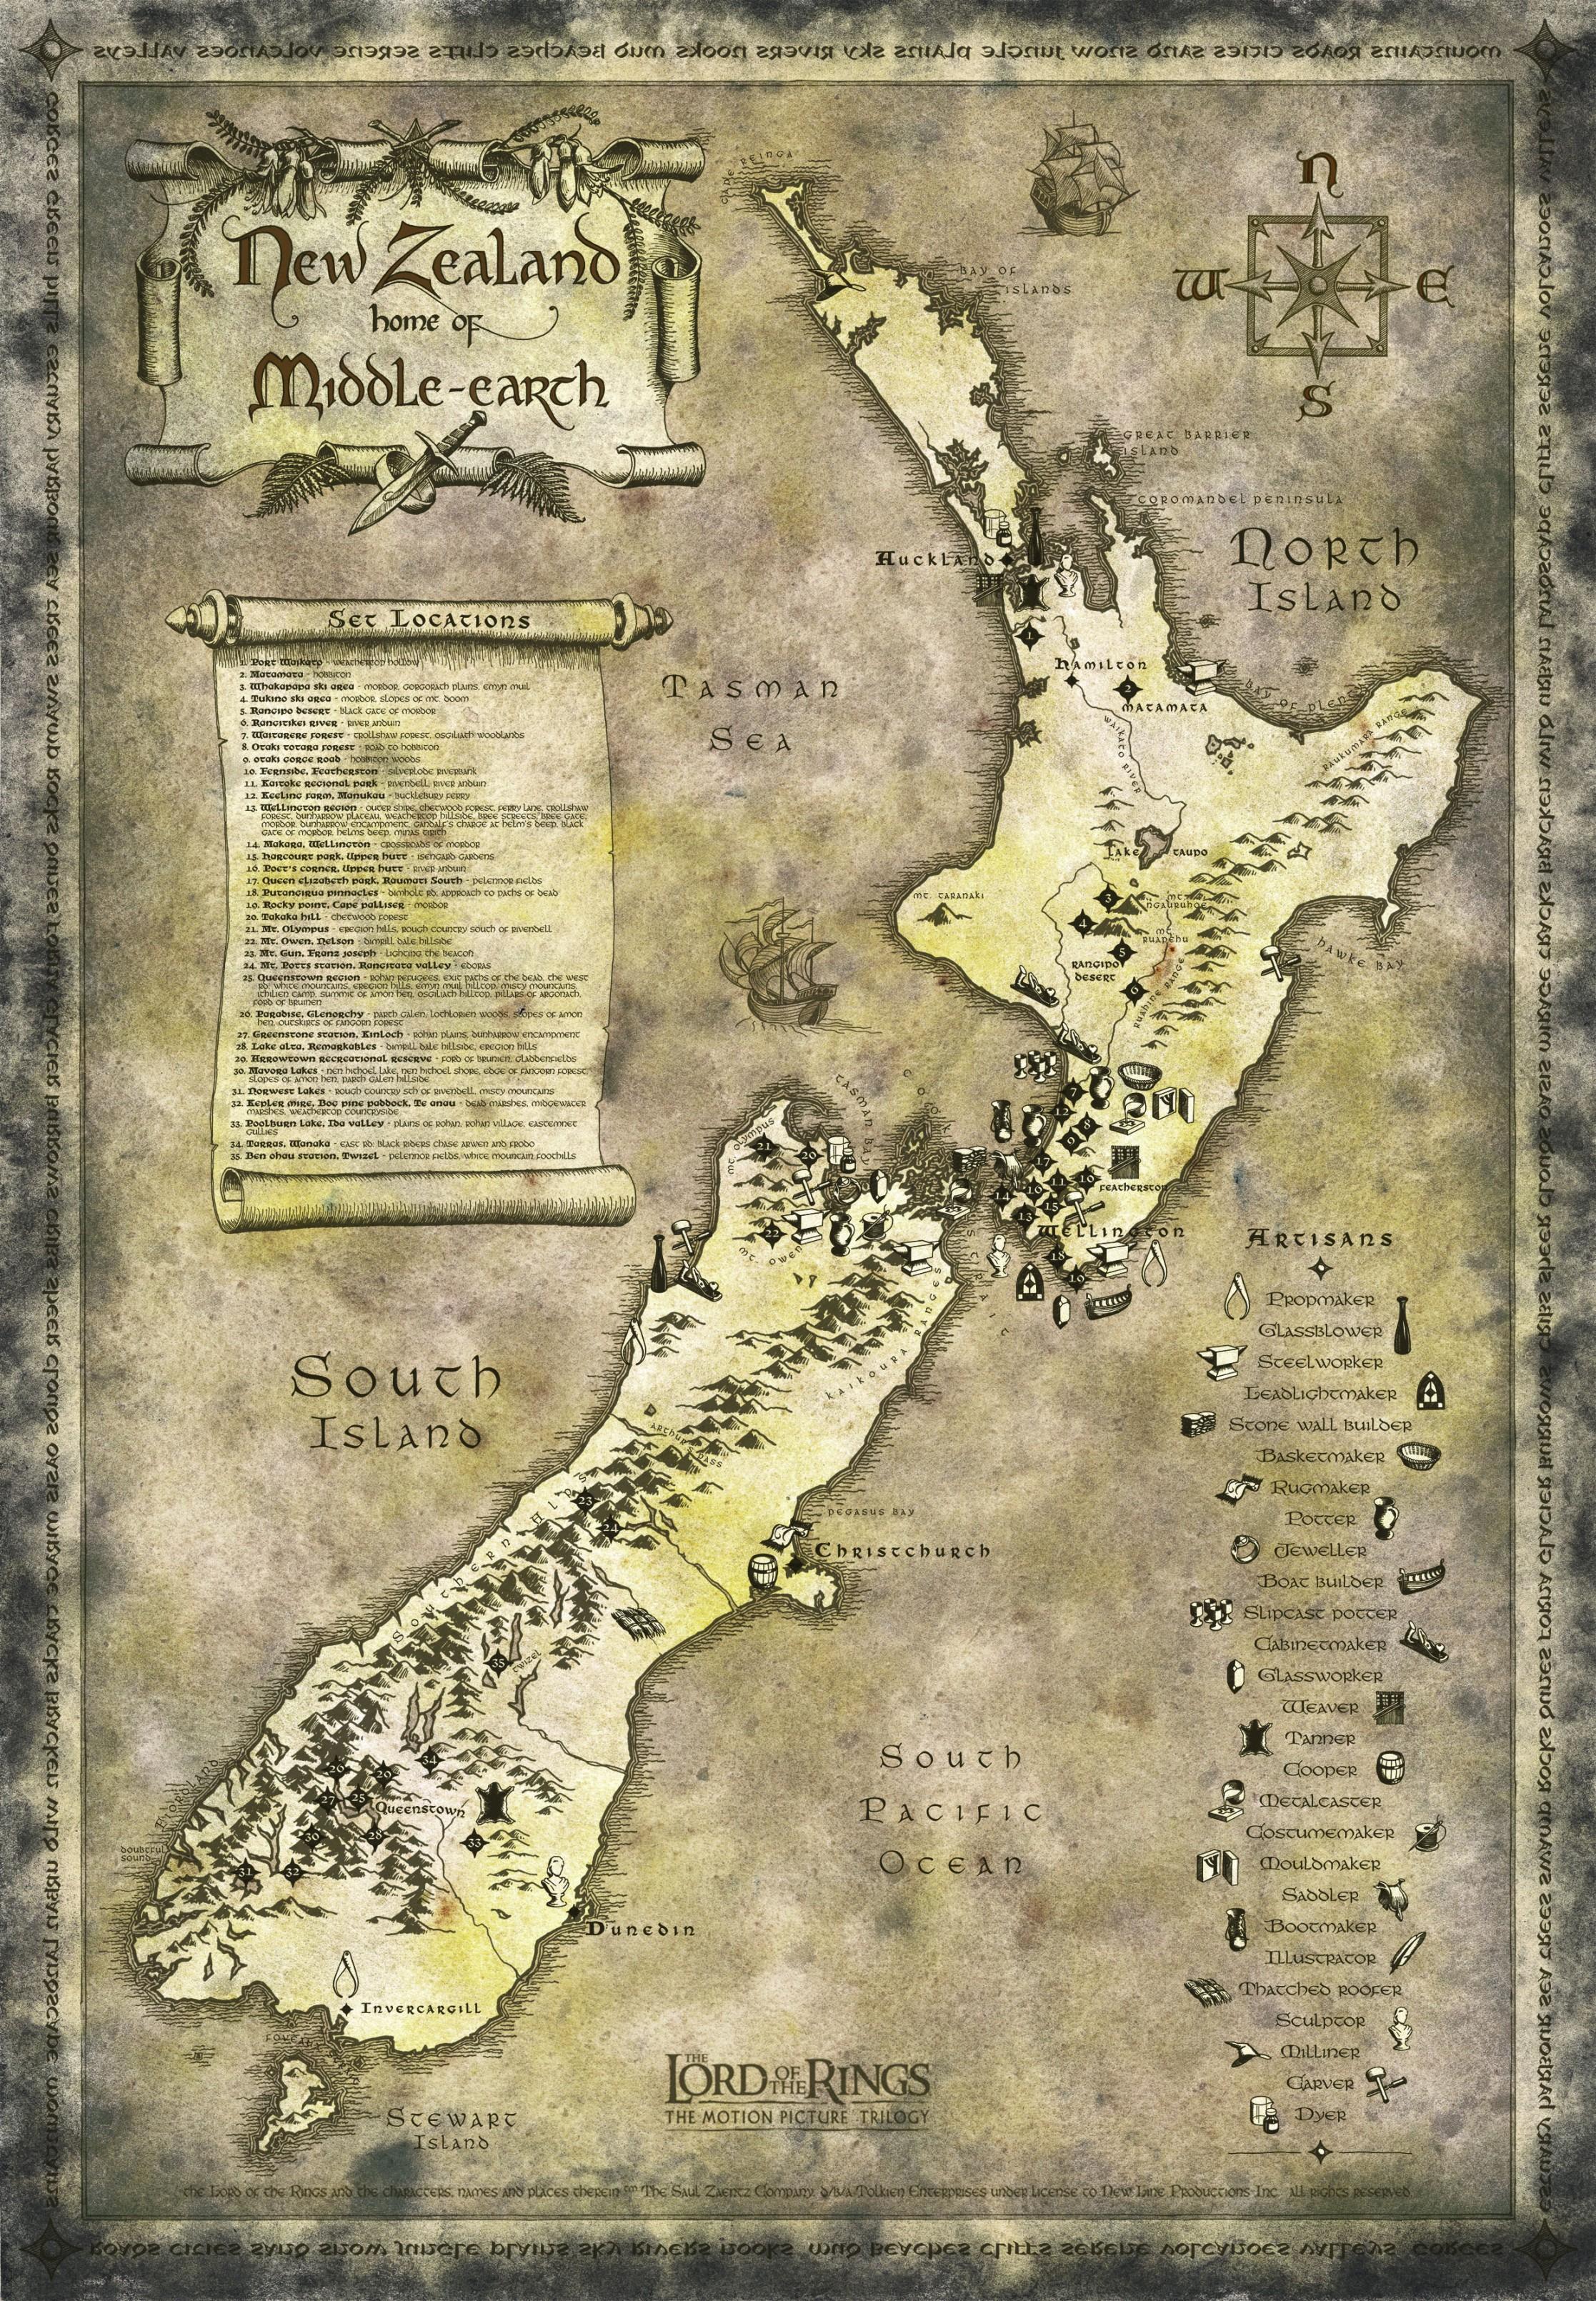 profiter de prix bas dernière sélection célèbre marque de designer Around NZ Lord of the rings: les lieux du tournage